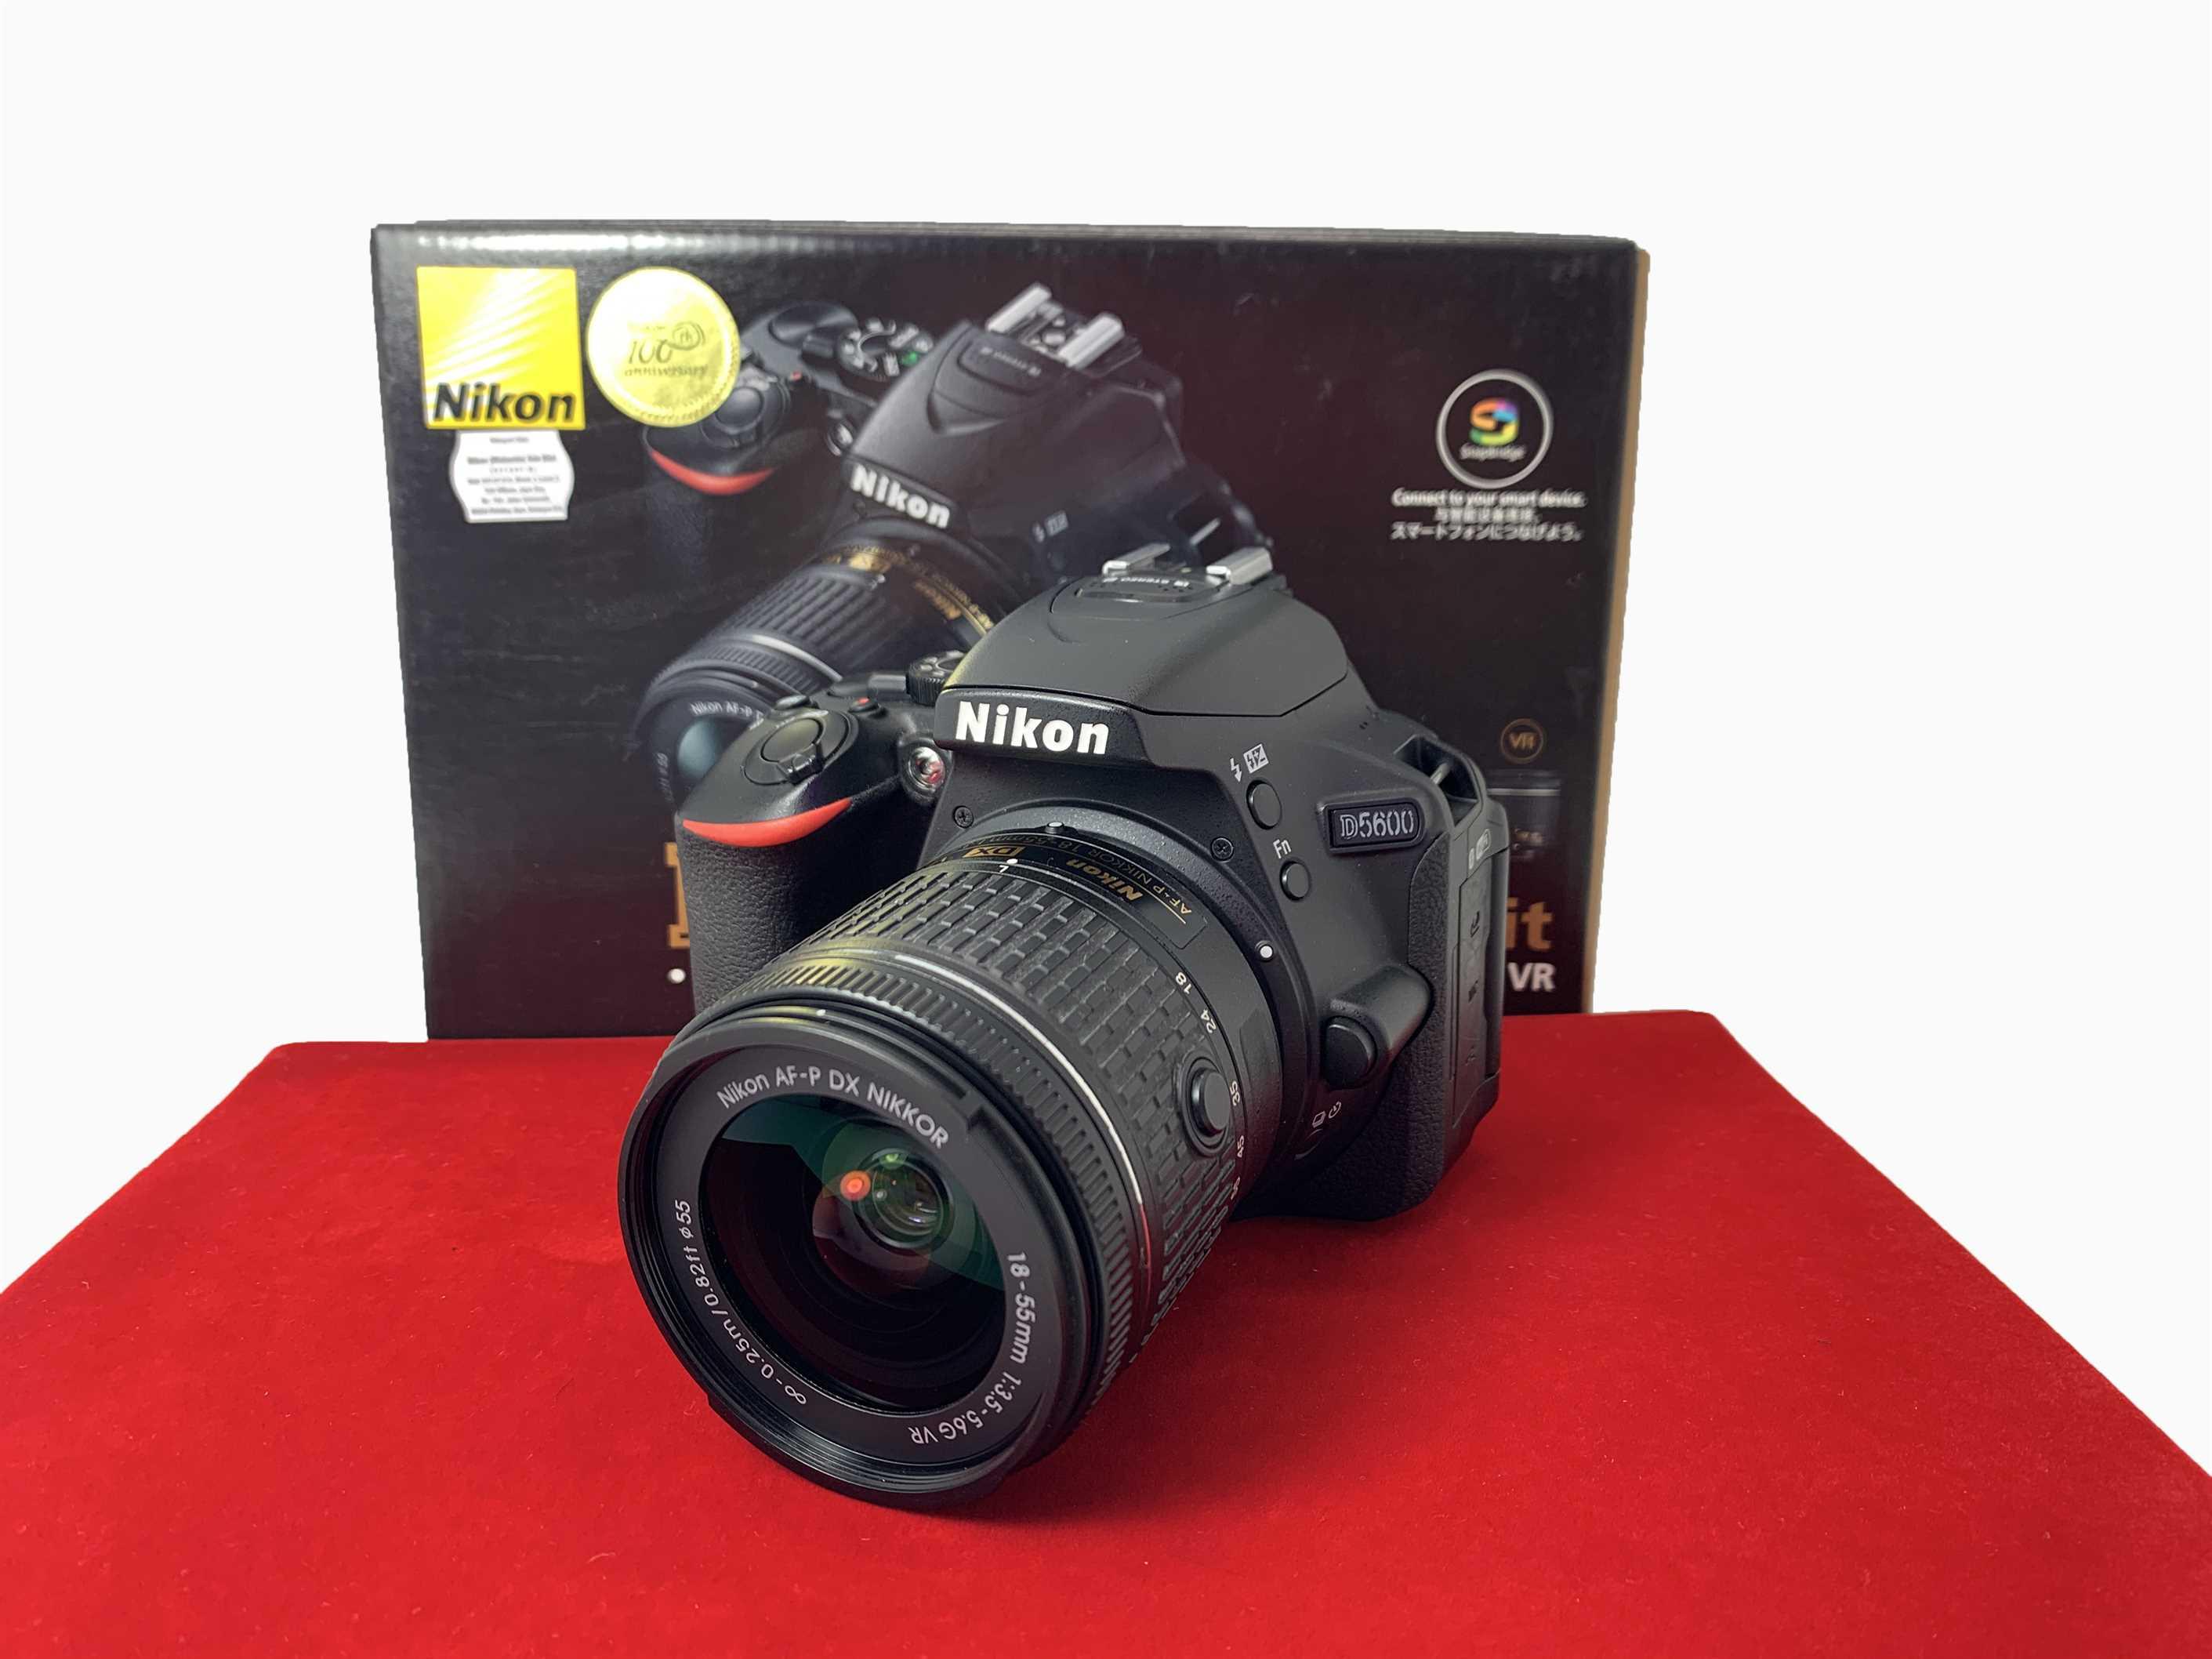 [USED-PJ33] Nikon D5600 Kit (18-55MM F3.5-5.6G AFP DX VR, 90% Like New Condition (S/N:8212094)